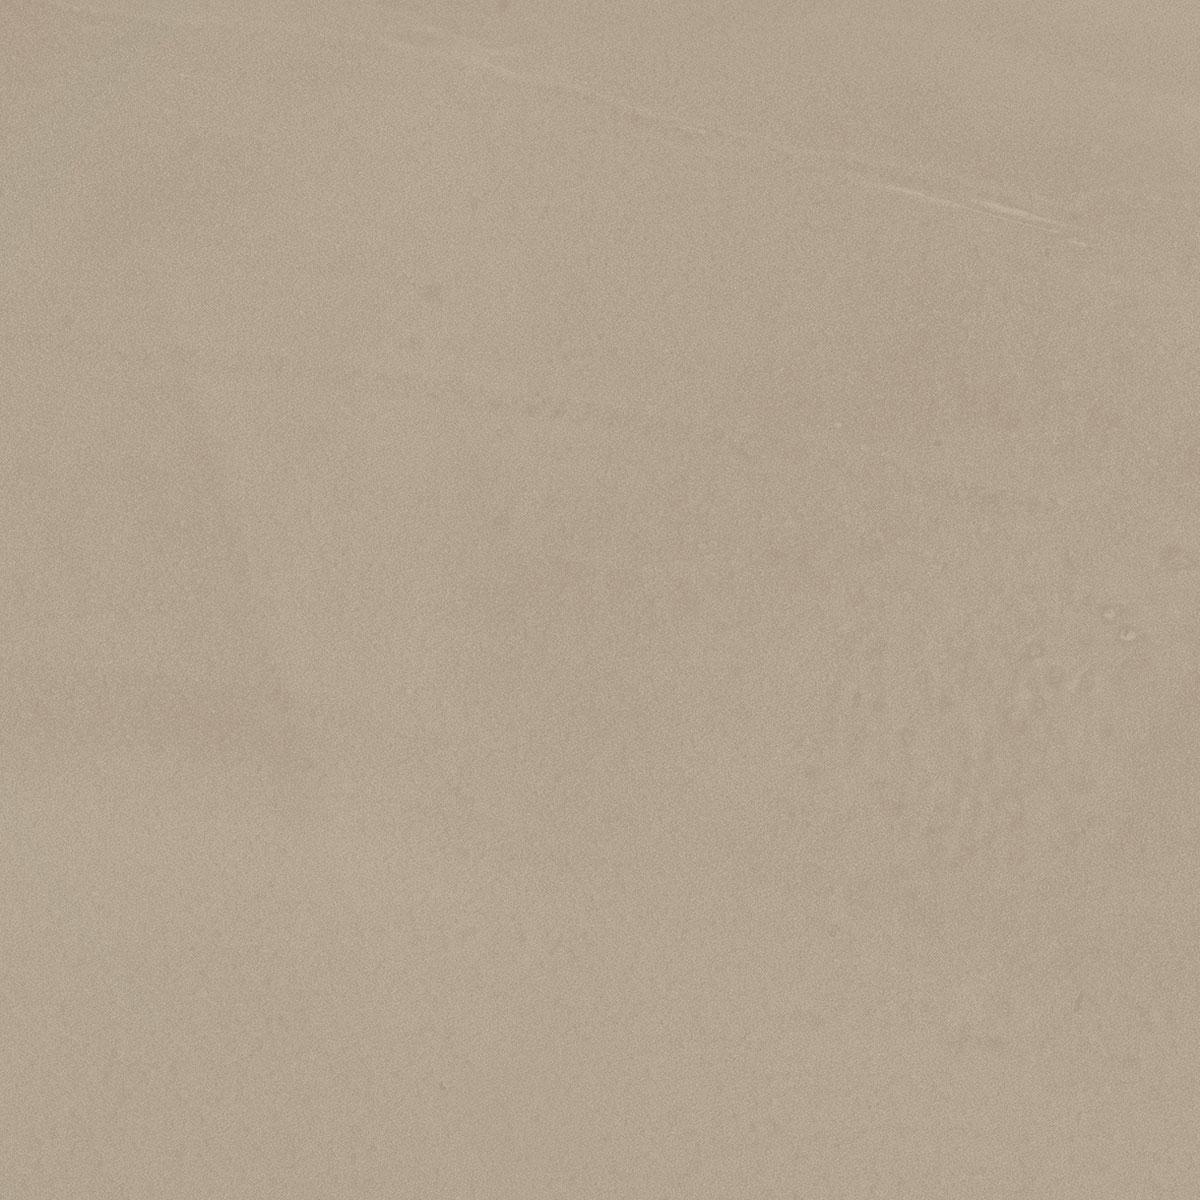 Signorino: New York Sand